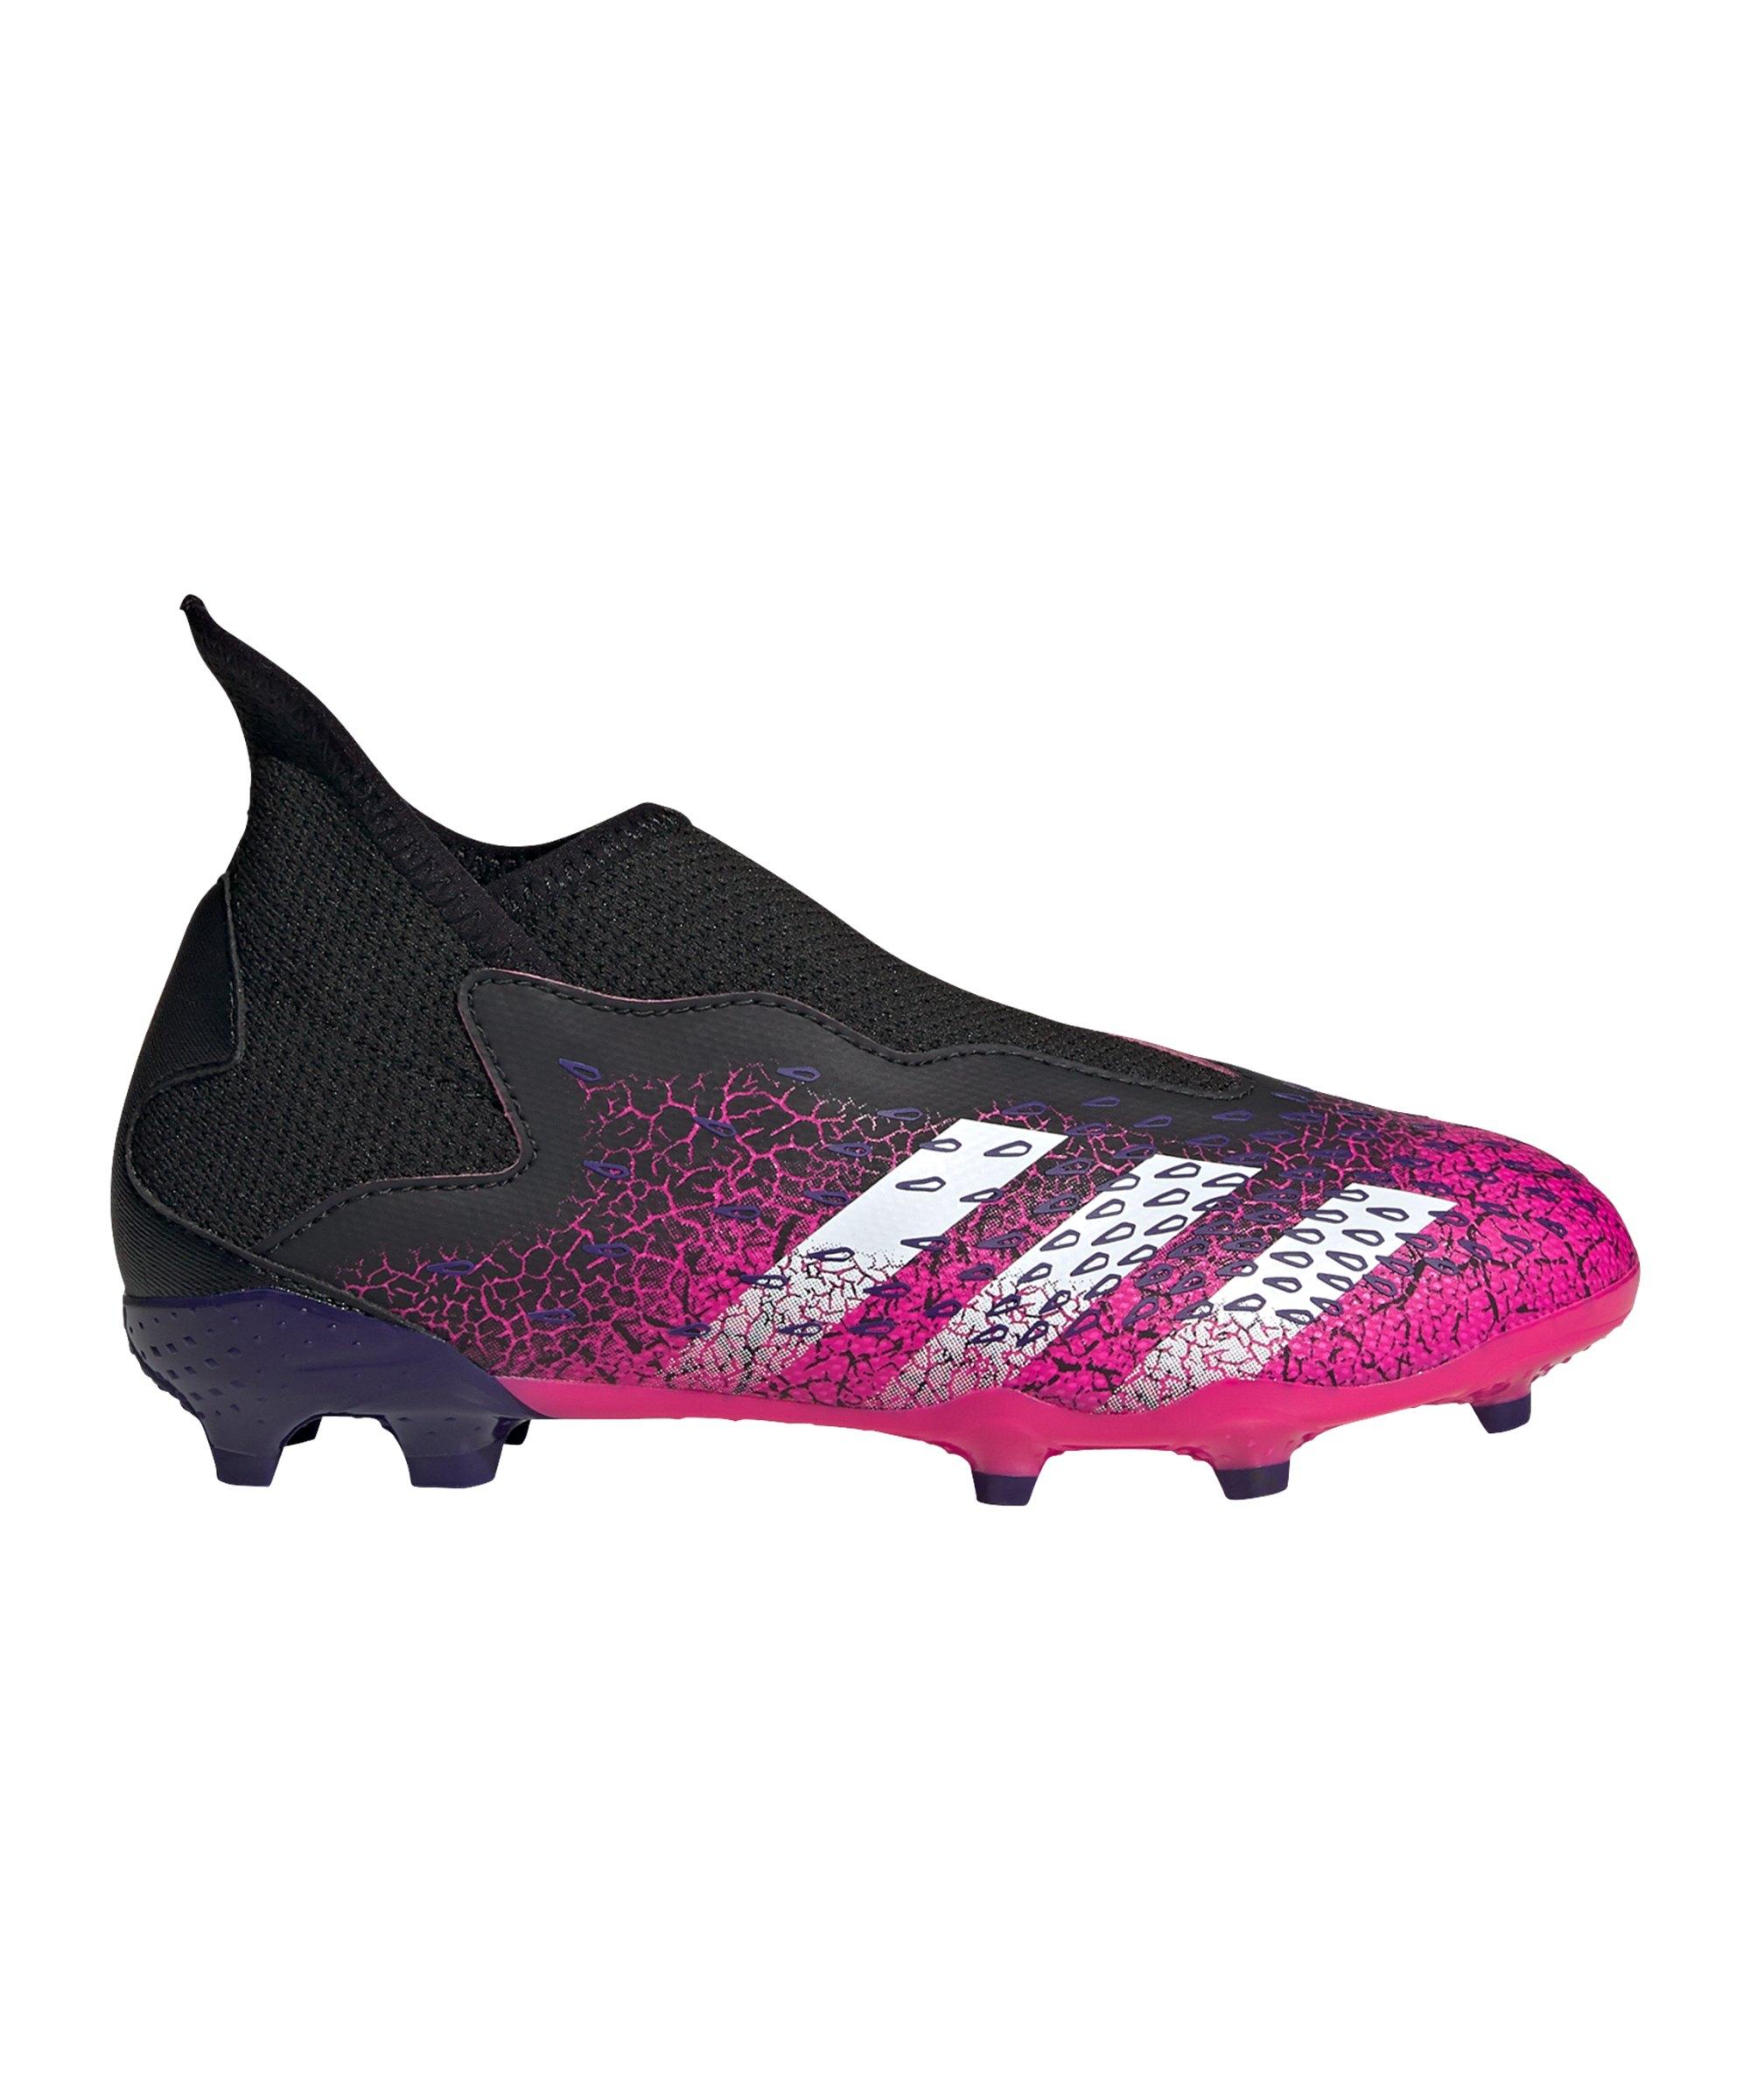 adidas Predator FREAK.3 LL FG Superspectral J Kids Schwarz Pink - schwarz